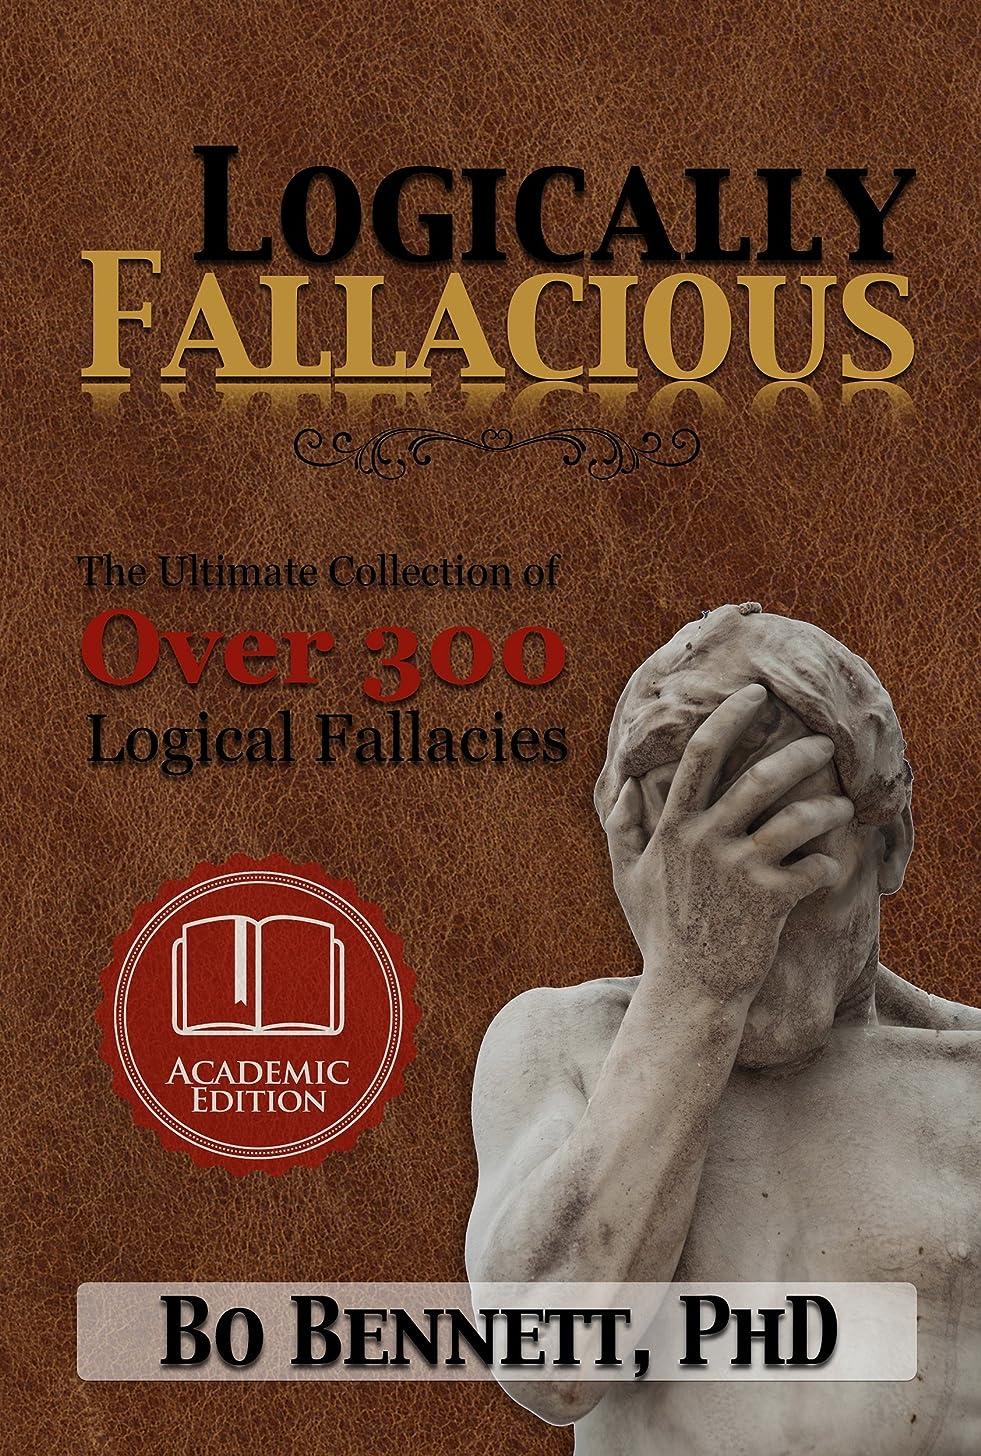 雇った発音スペシャリストLogically Fallacious: The Ultimate Collection of Over 300 Logical Fallacies (Academic Edition) (English Edition)